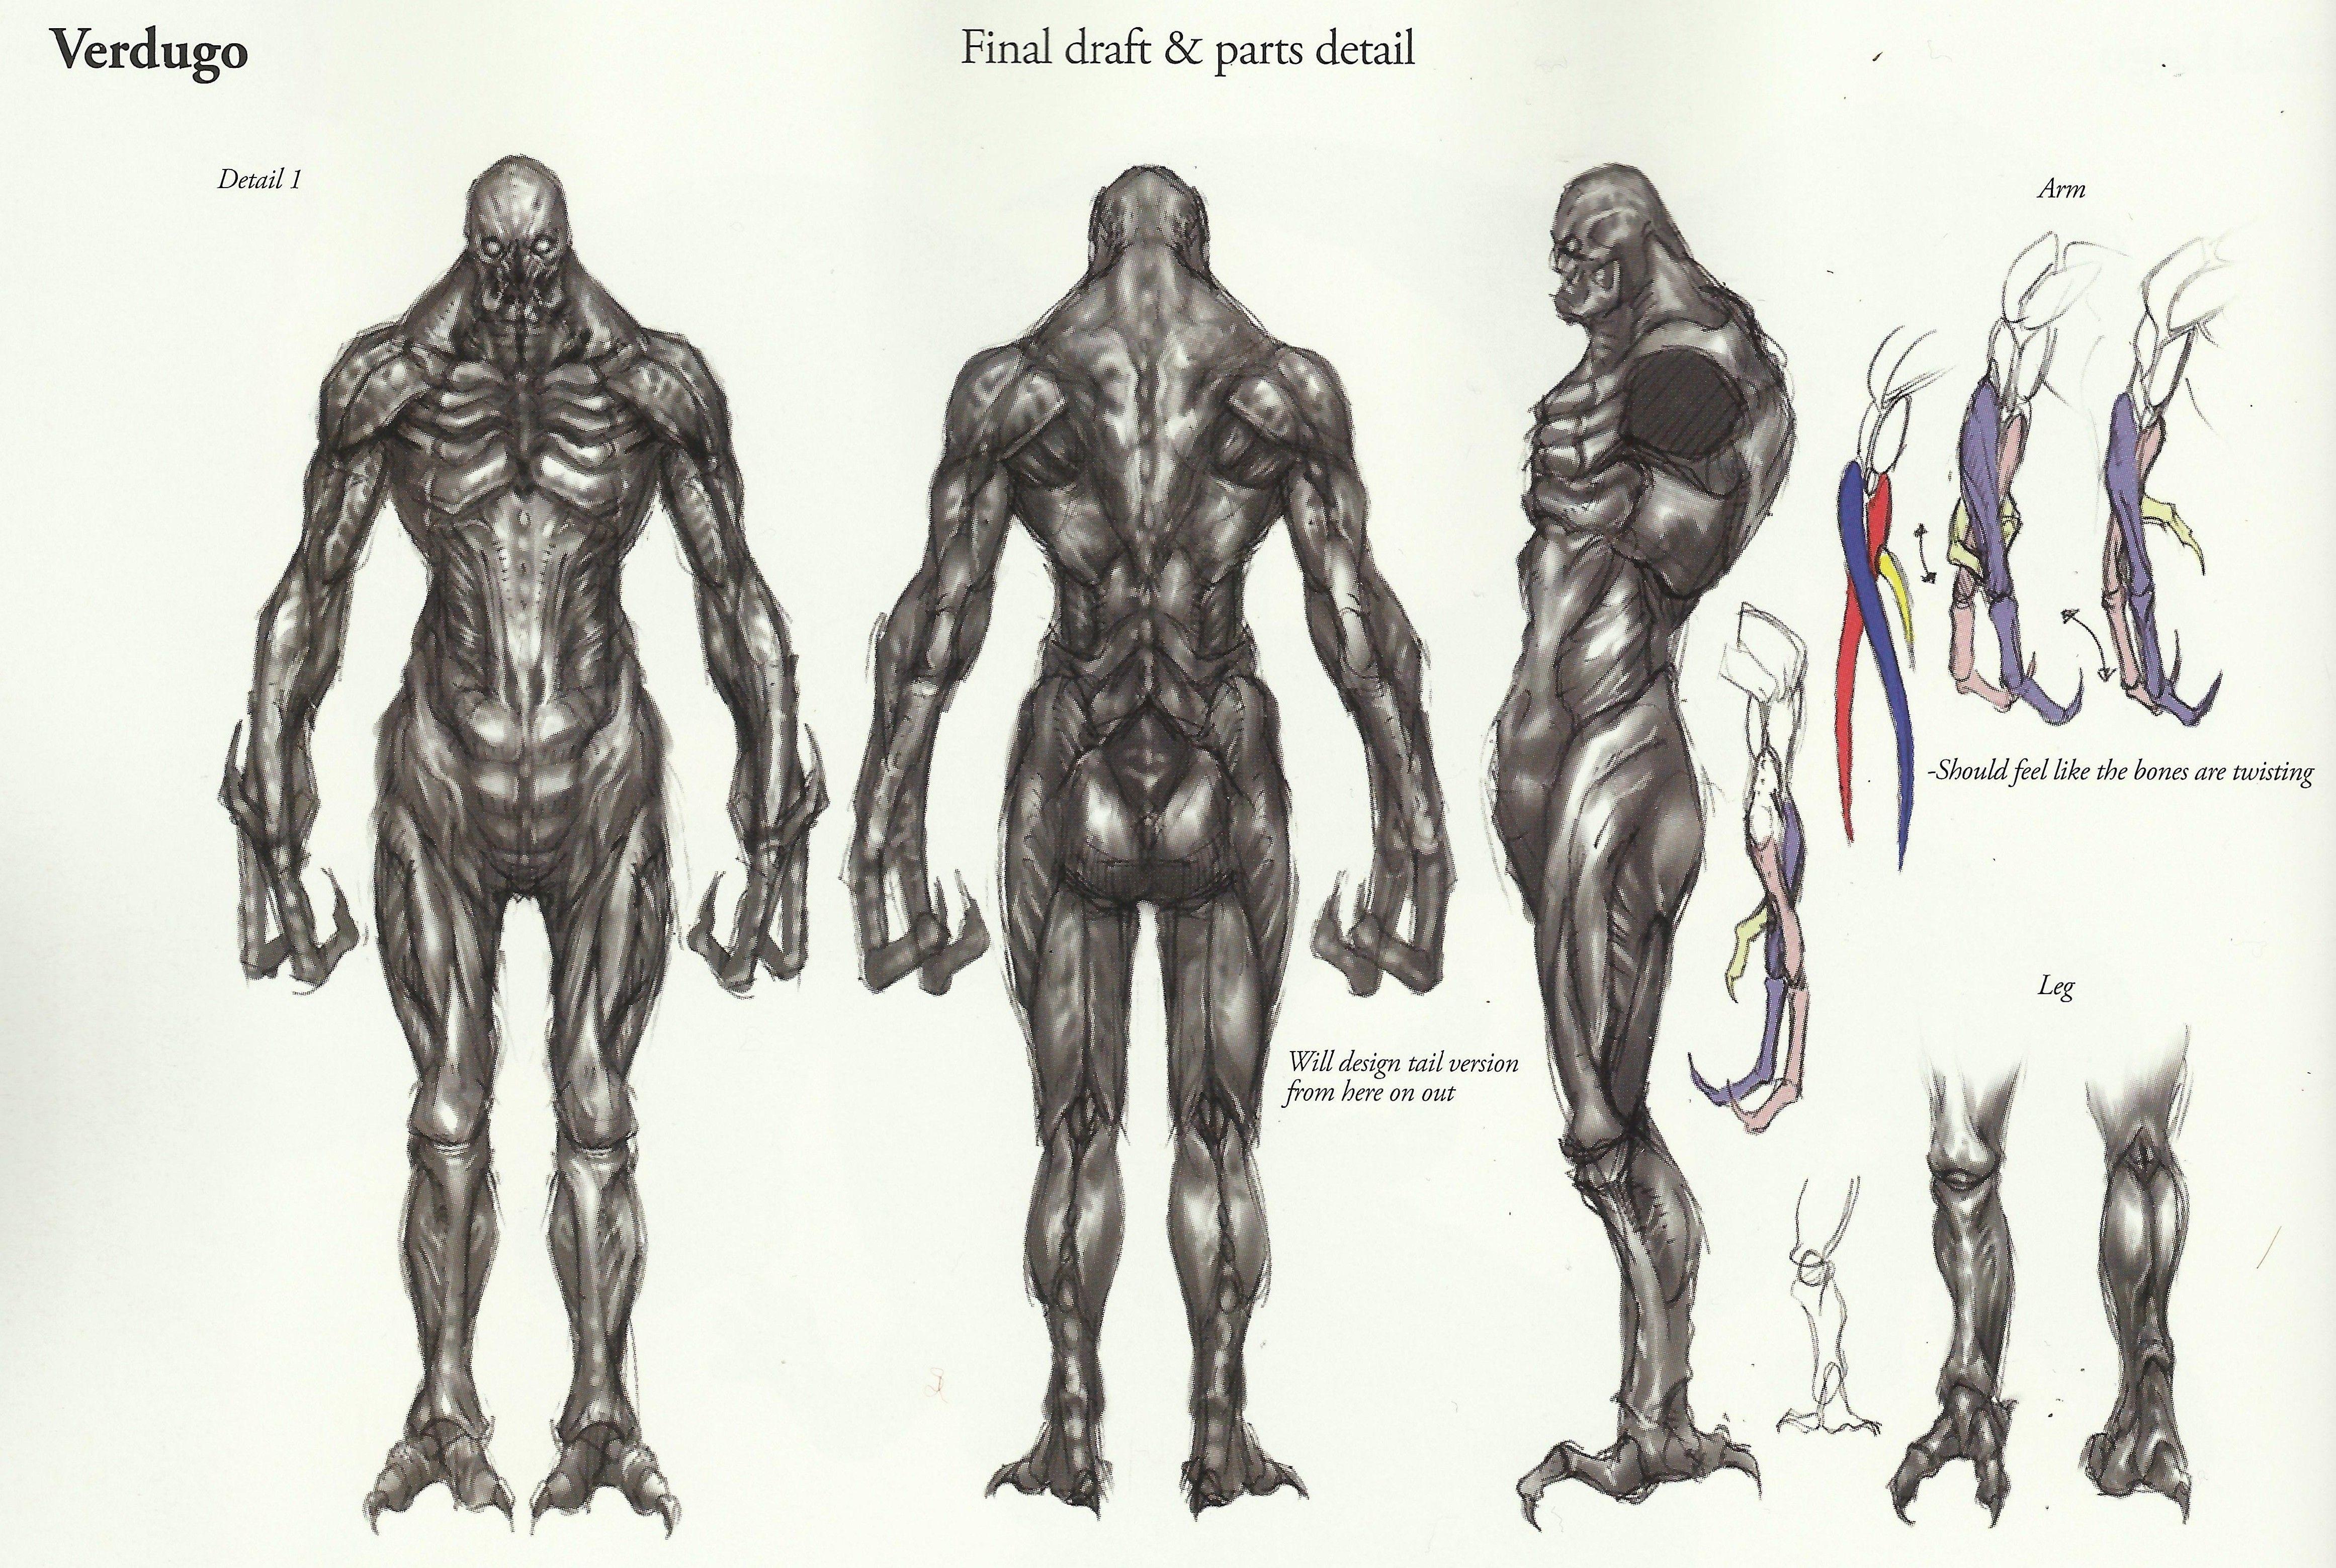 Verdugo Art Concept Re4 Ilustracao Desenhos Gado